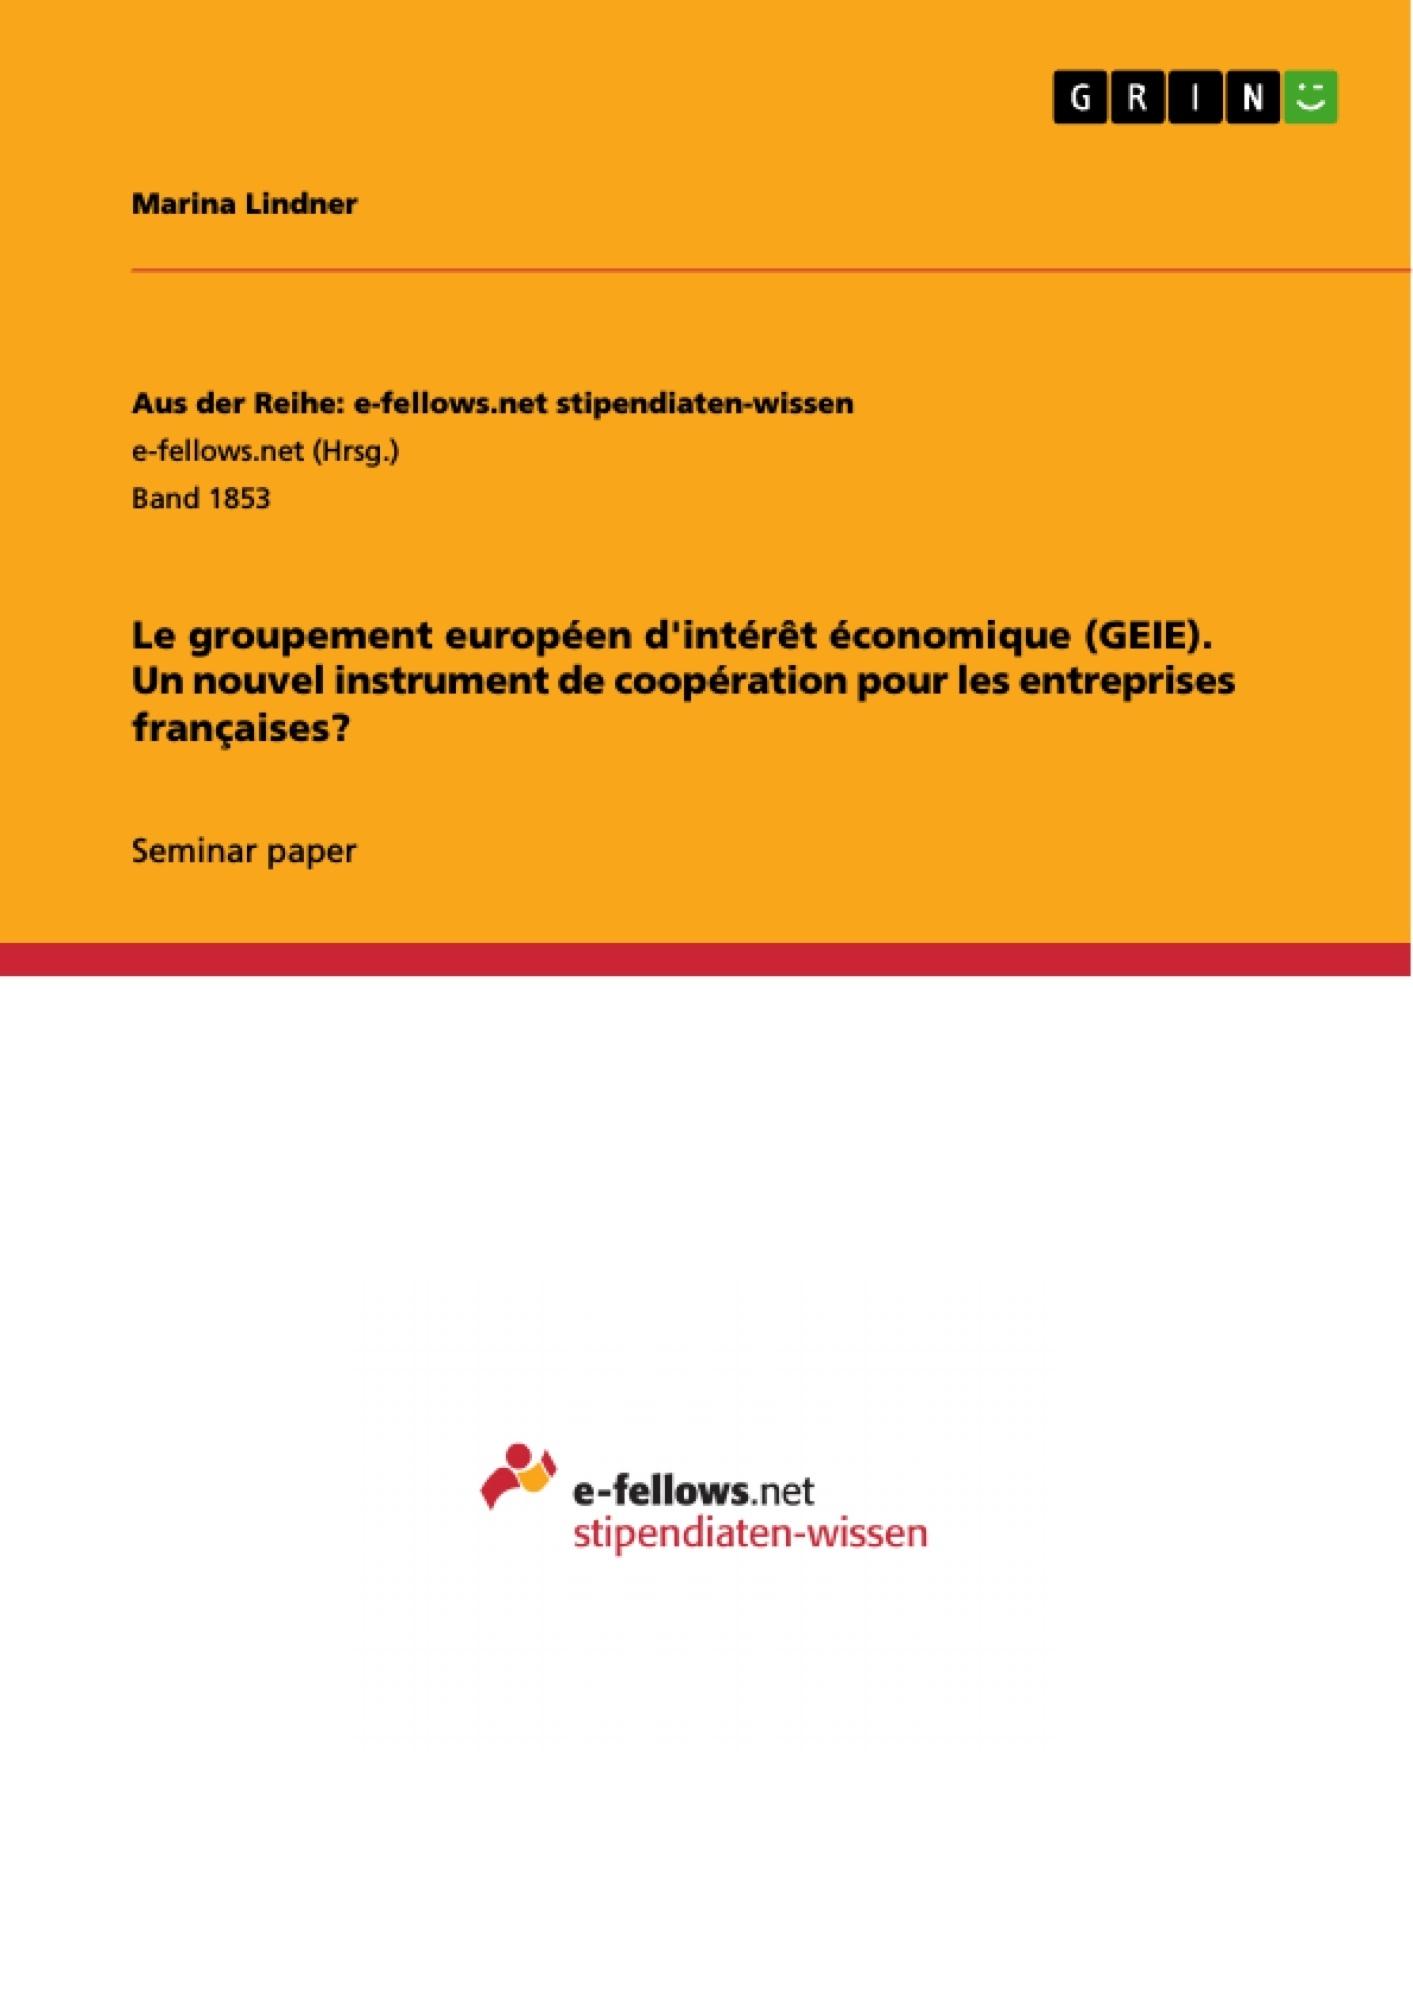 Titre: Le groupement européen d'intérêt économique (GEIE). Un nouvel instrument de coopération pour les entreprises françaises?